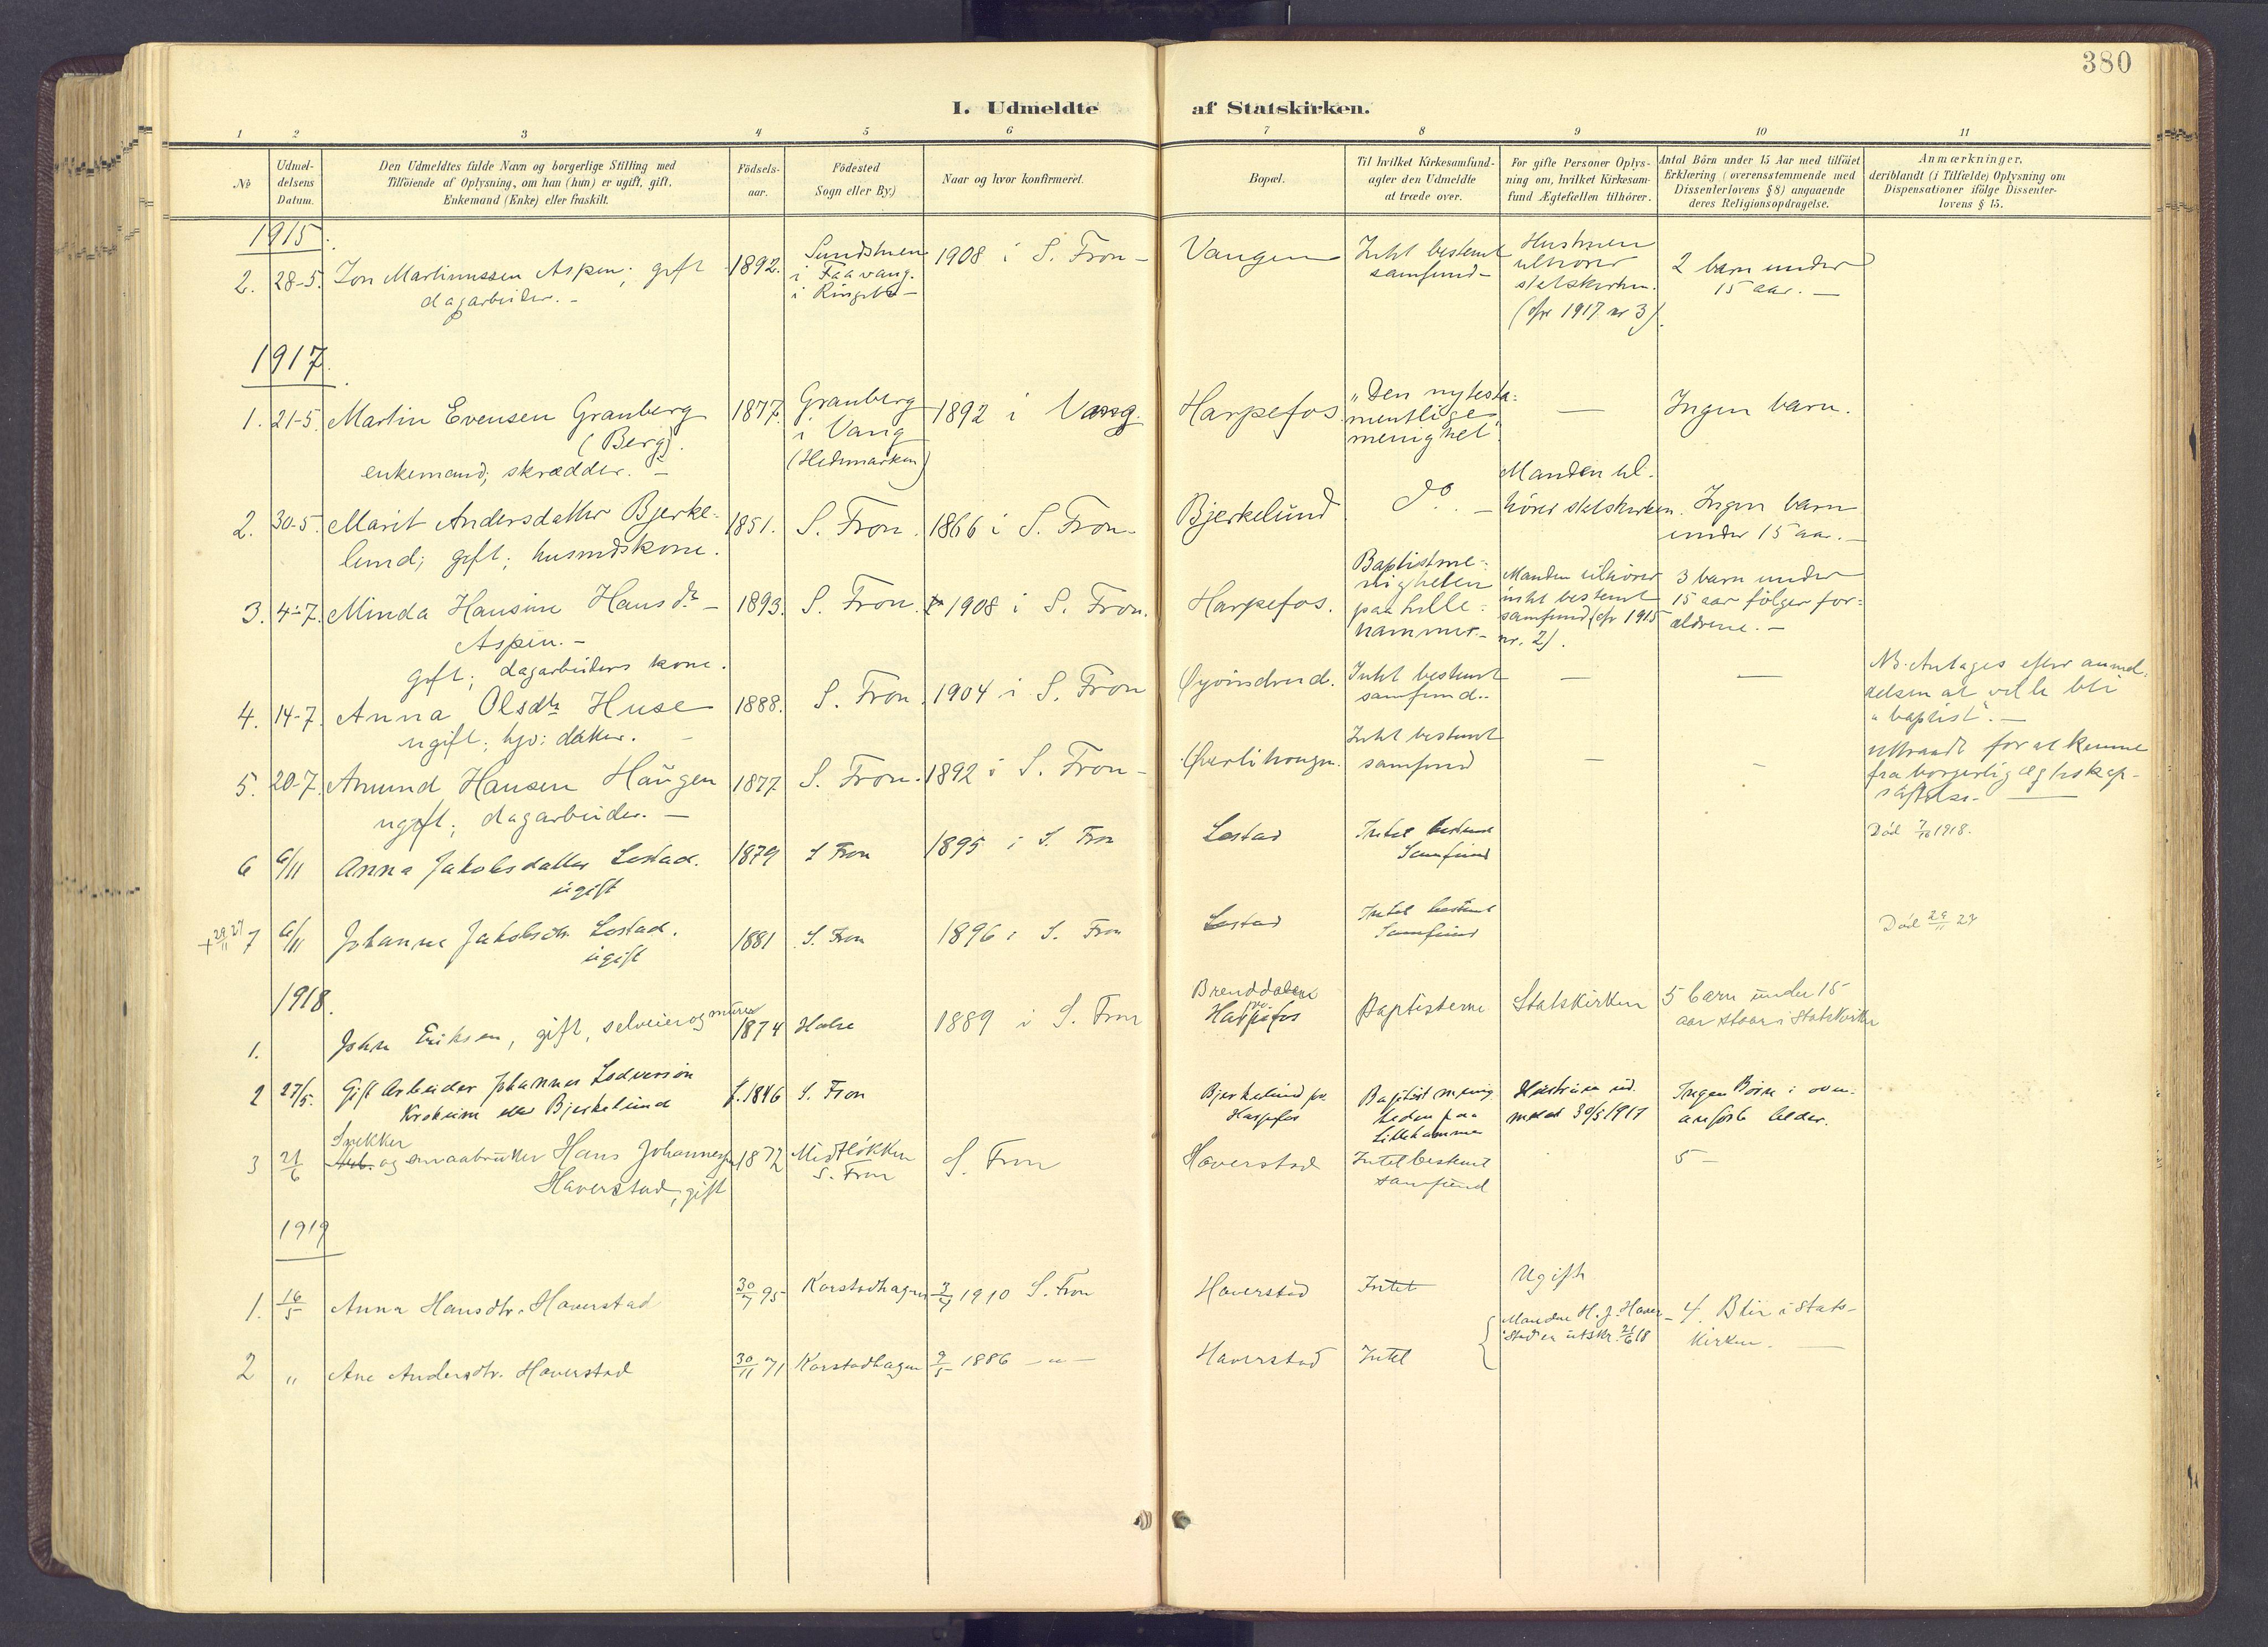 SAH, Sør-Fron prestekontor, H/Ha/Haa/L0004: Ministerialbok nr. 4, 1898-1919, s. 380